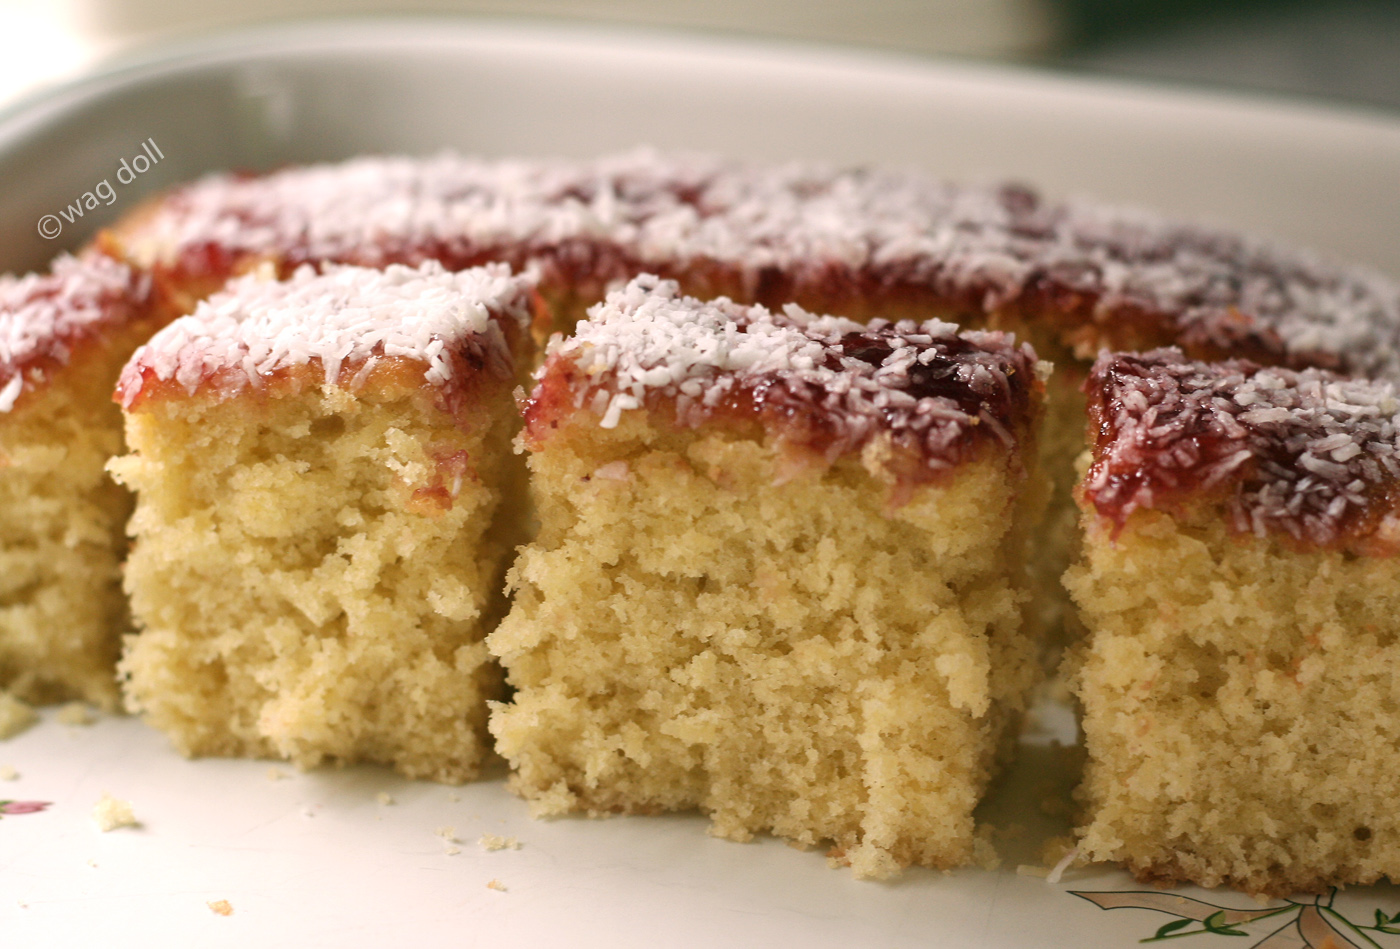 Jam And Coconut Sponge Cake Using Mashed Potato